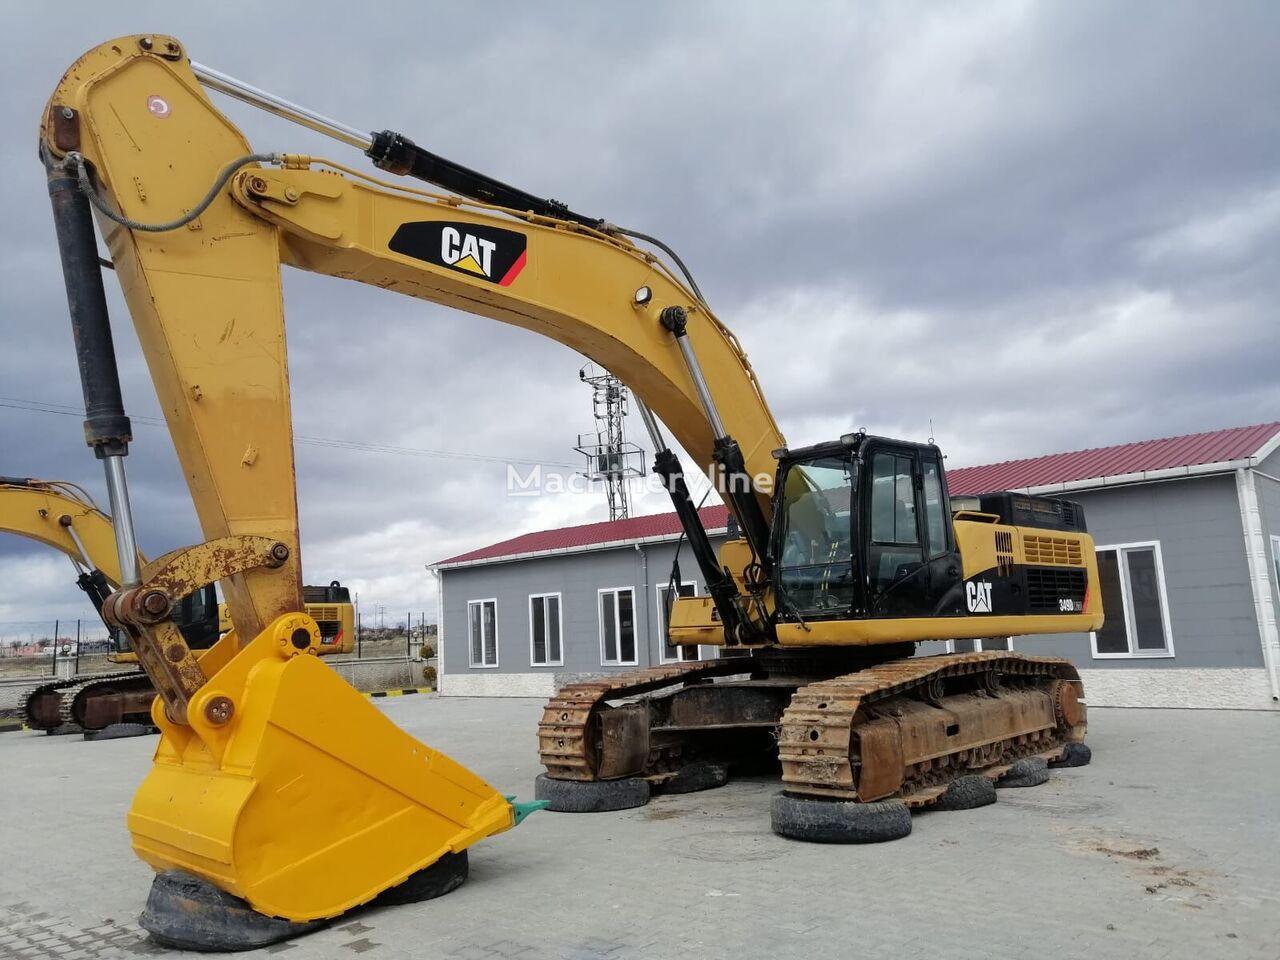 CATERPILLAR CAT 349 DLME tracked excavator